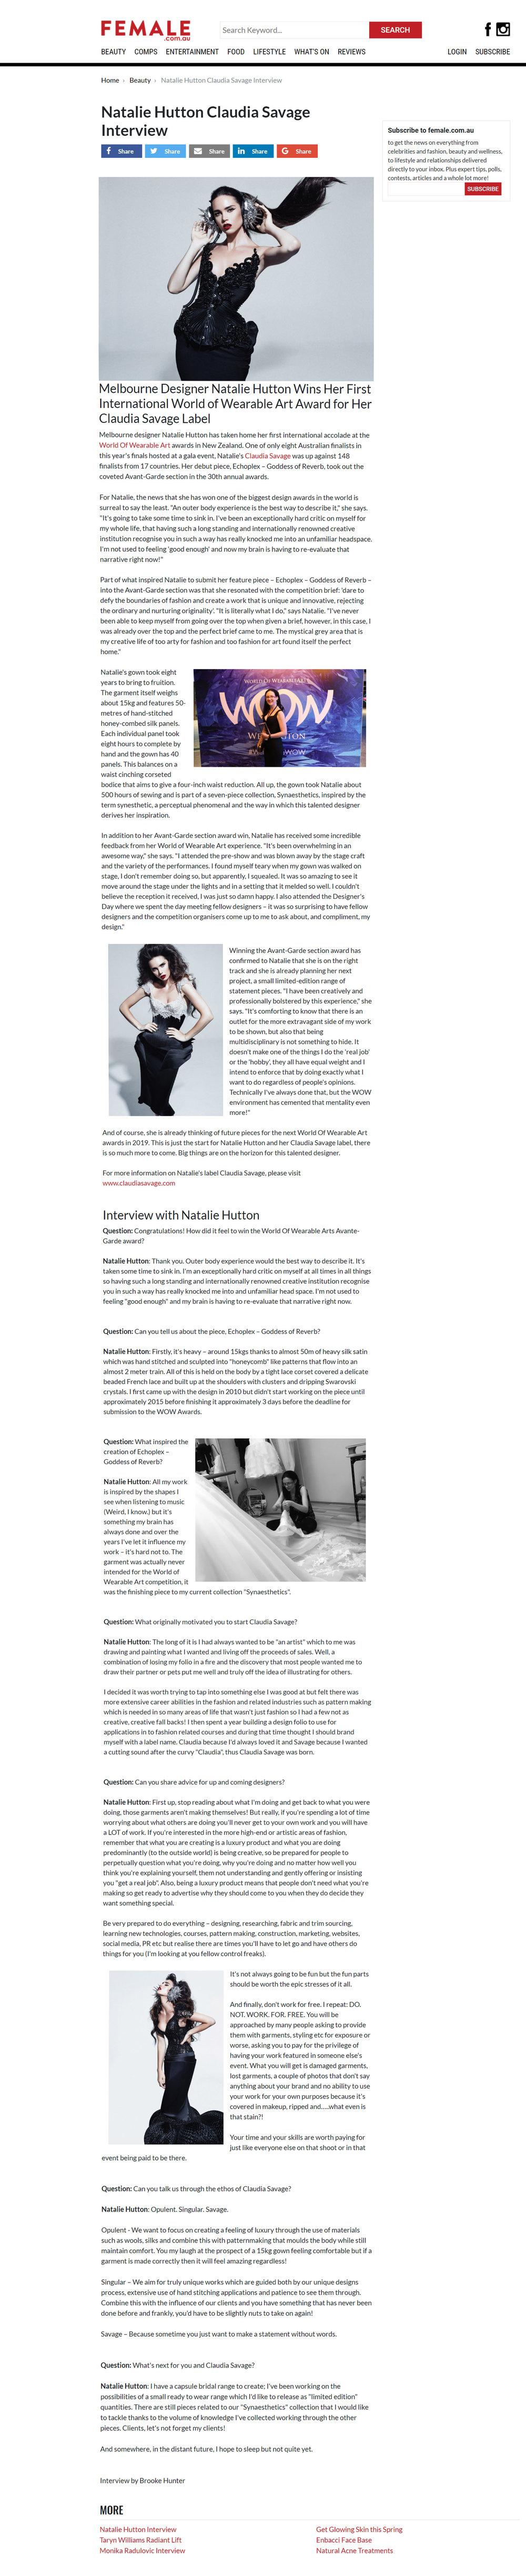 Interview with Natalie Hutton_Female_mag_2_online.jpg